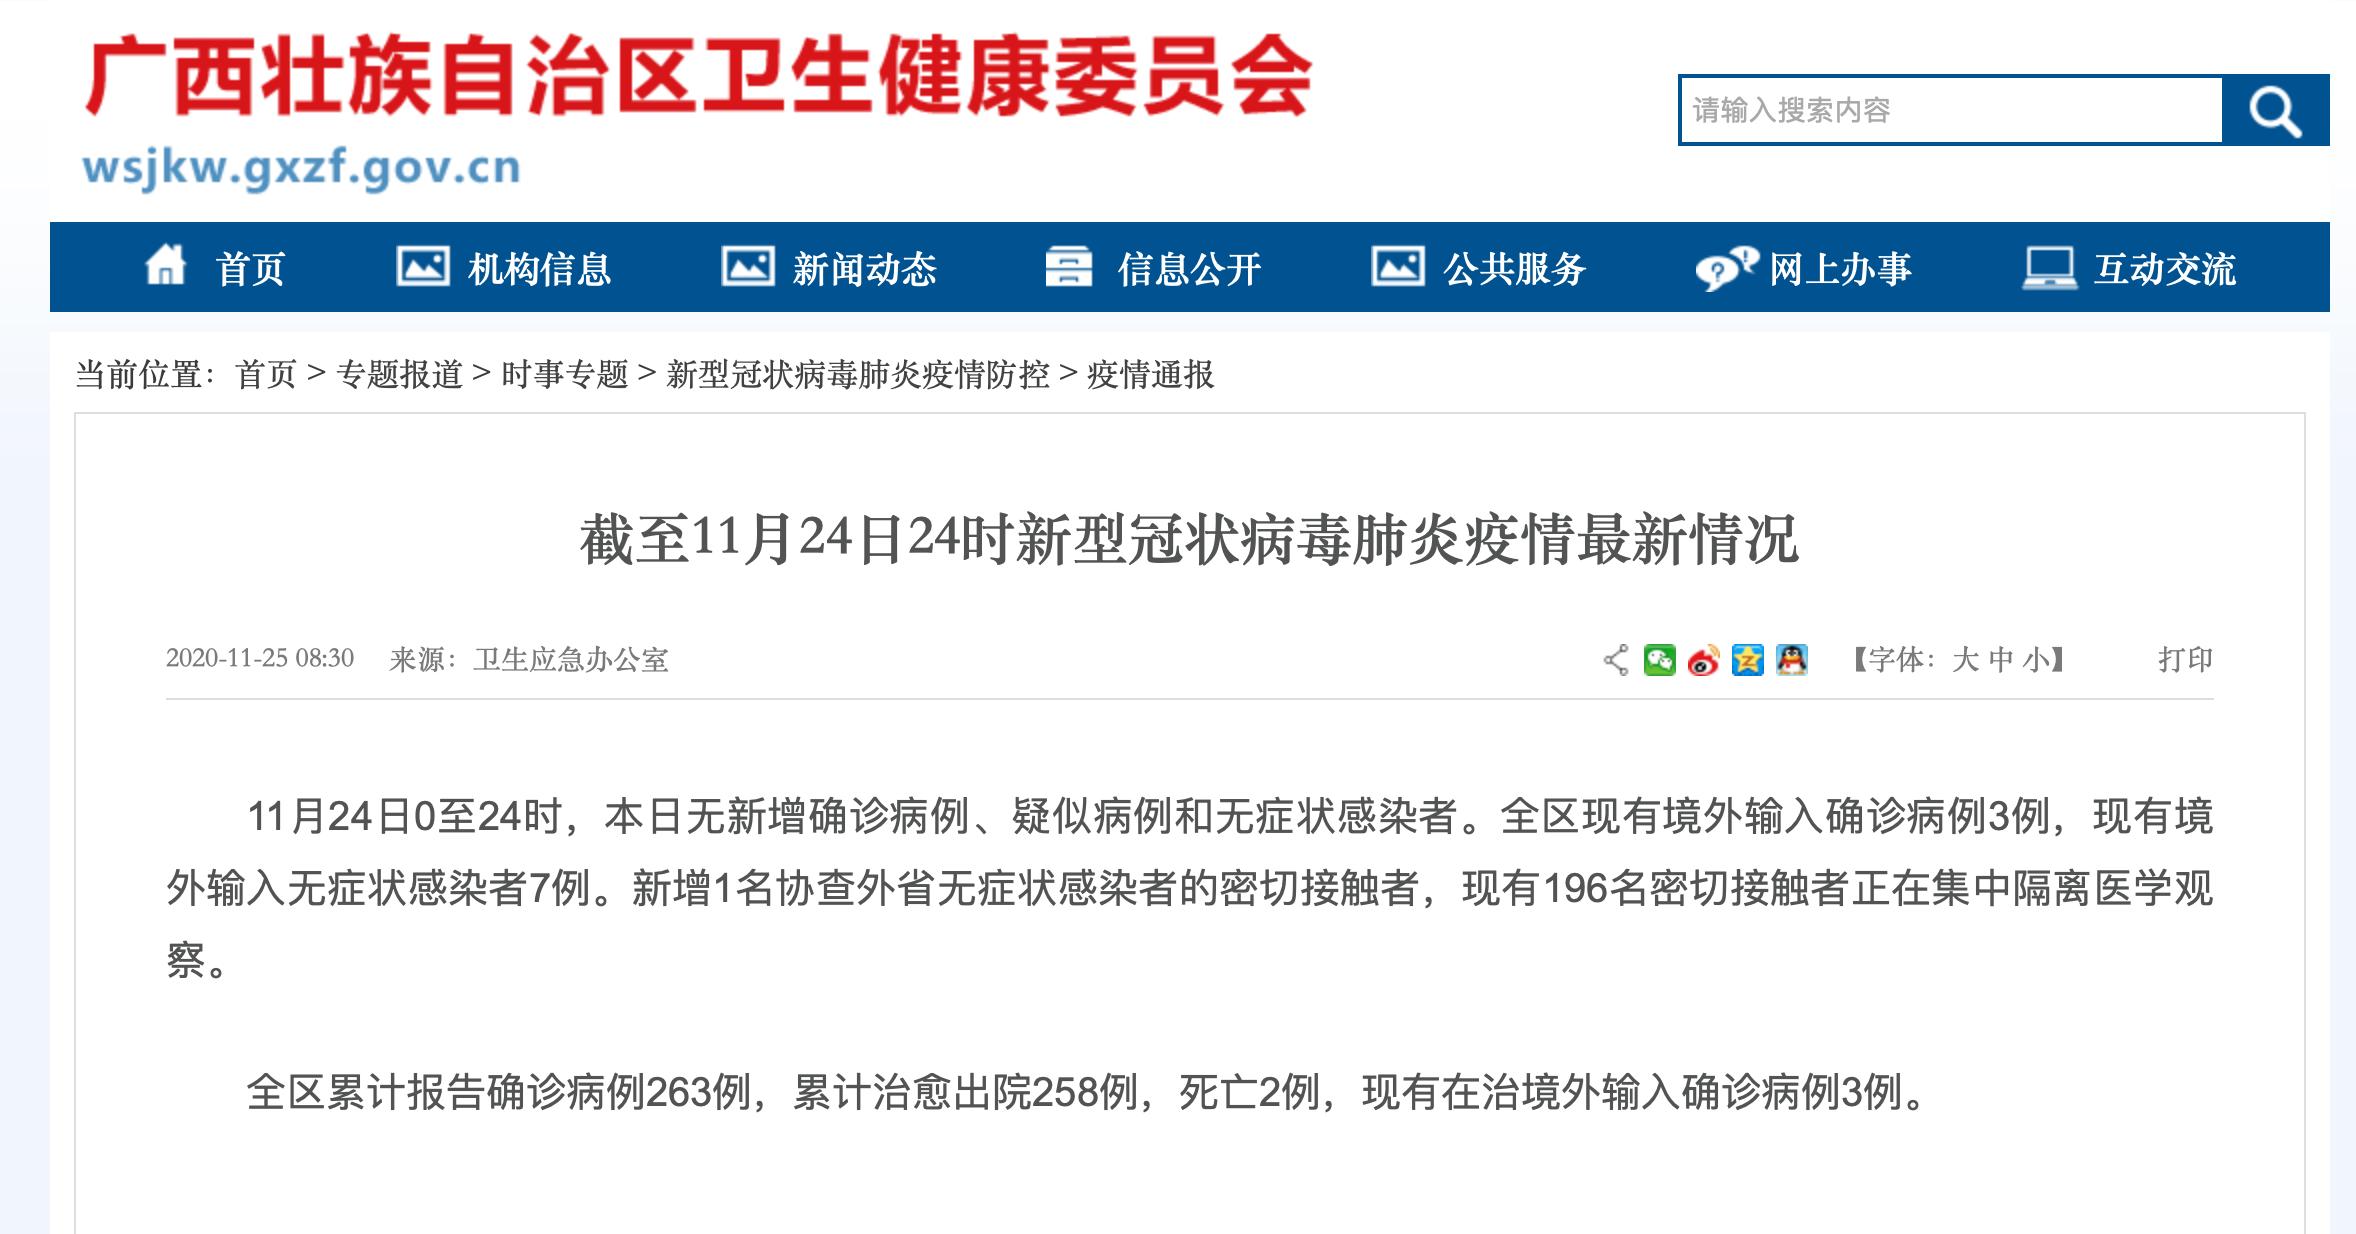 《【摩登2网上平台】广西通报:新增1名协查外省无症状感染者的密接者》